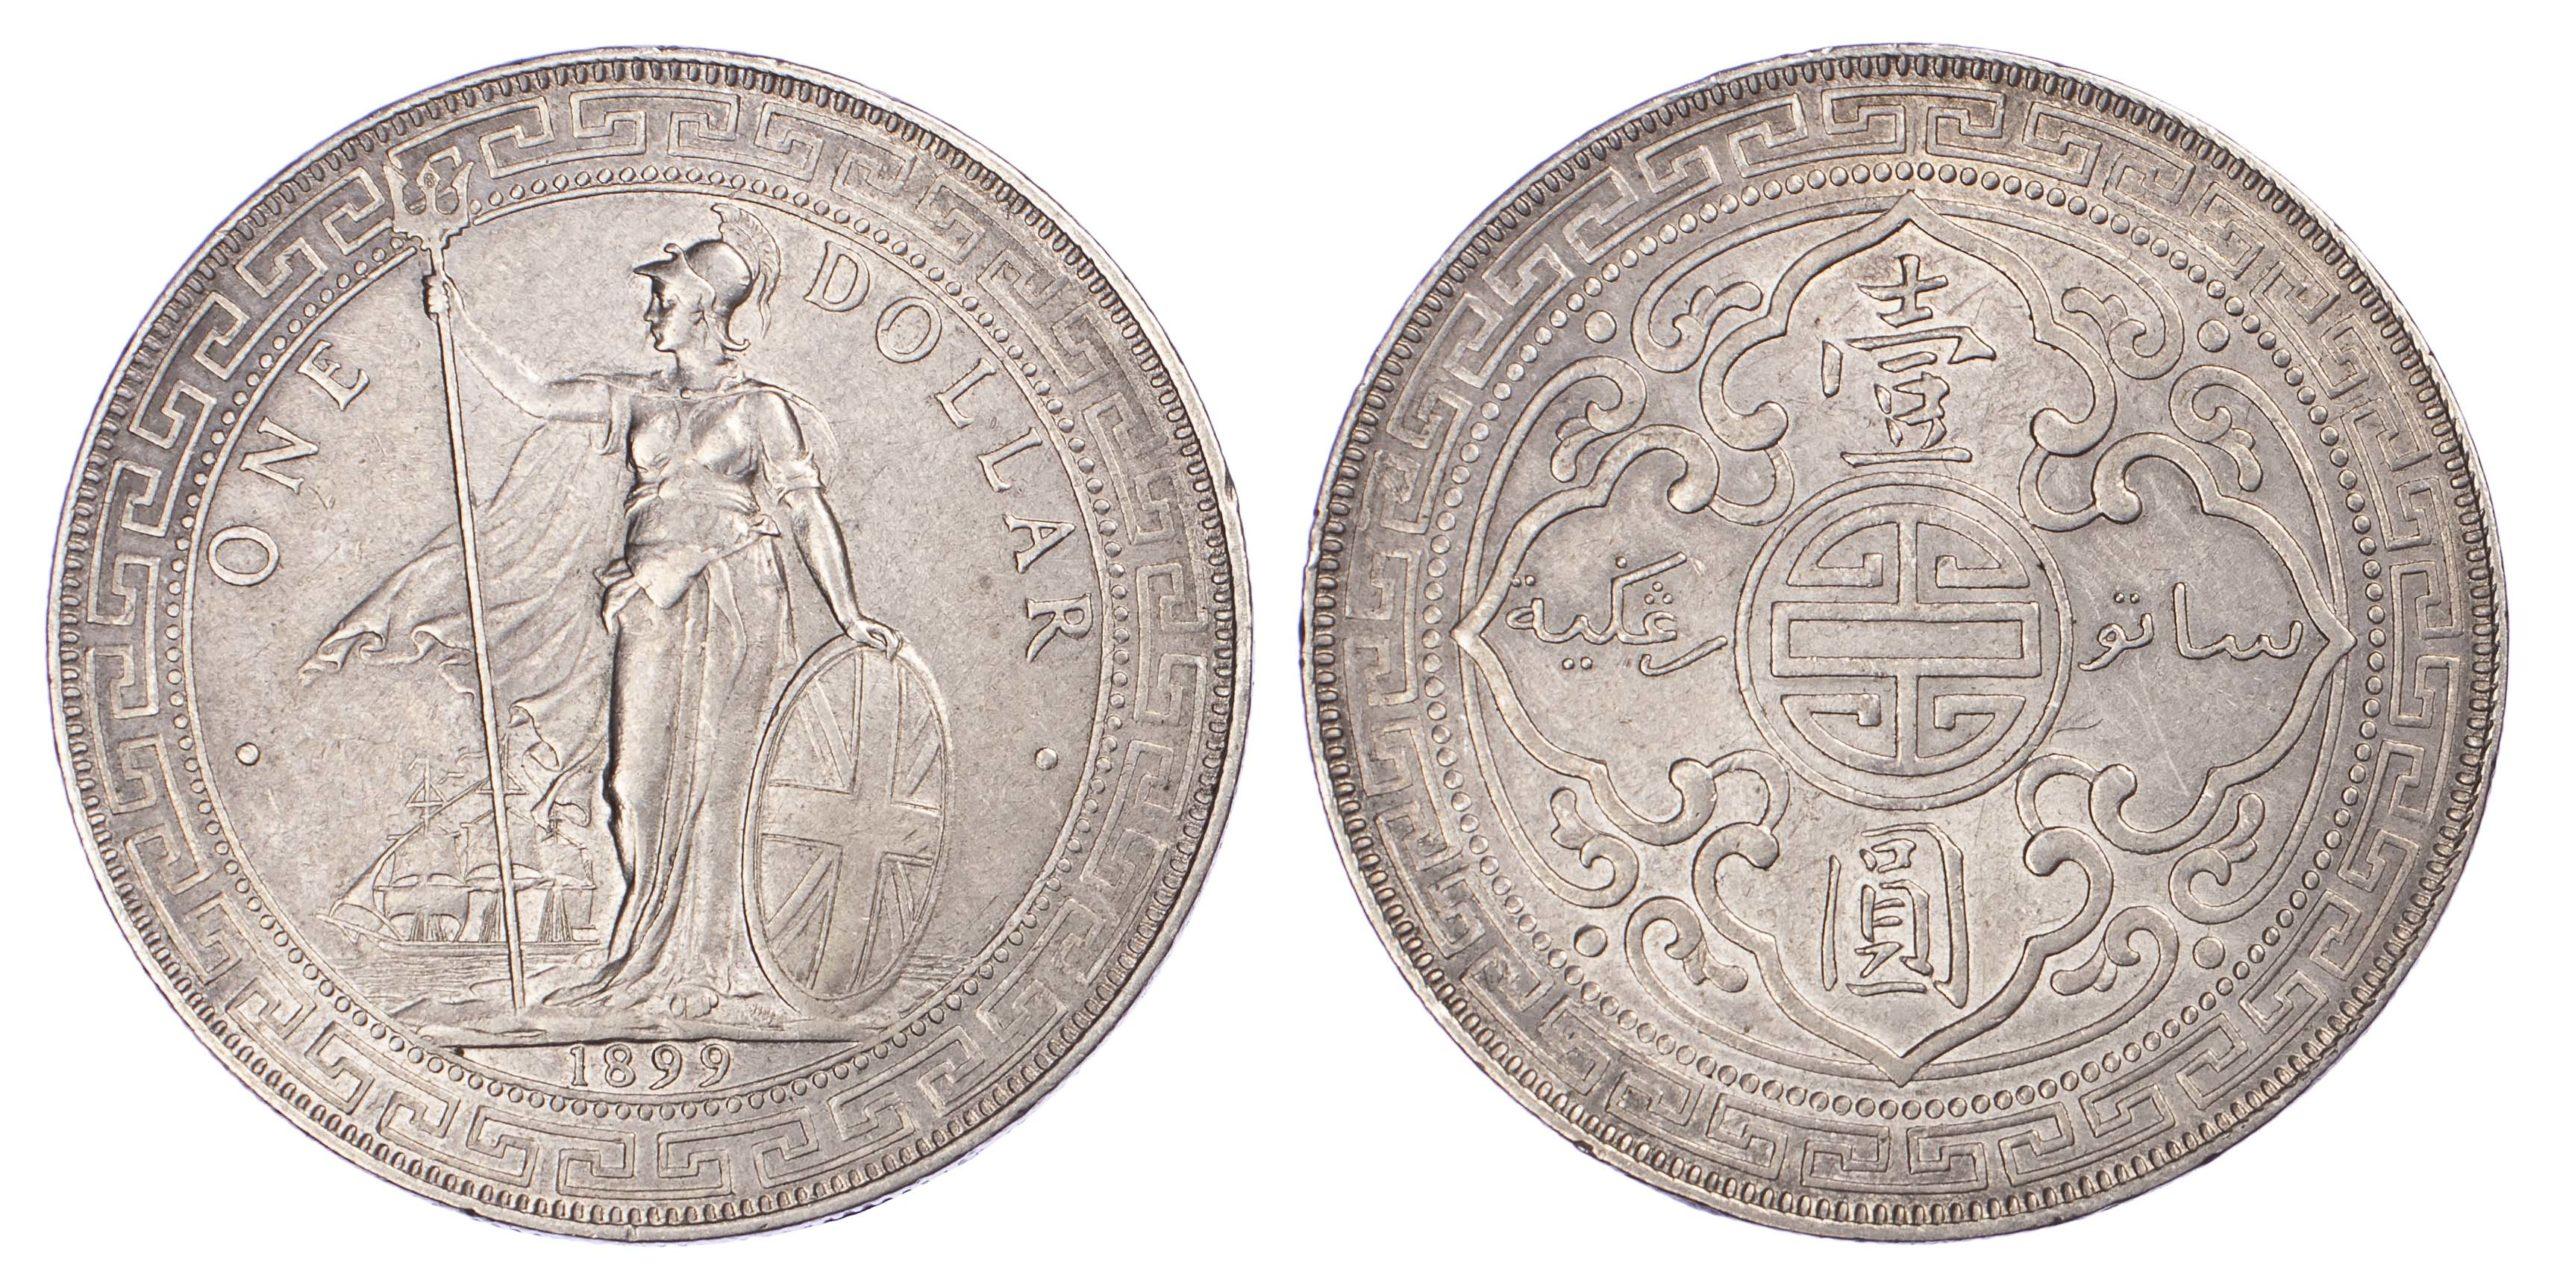 Hong Kong, Victoria, Silver Trade Dollar, 1899